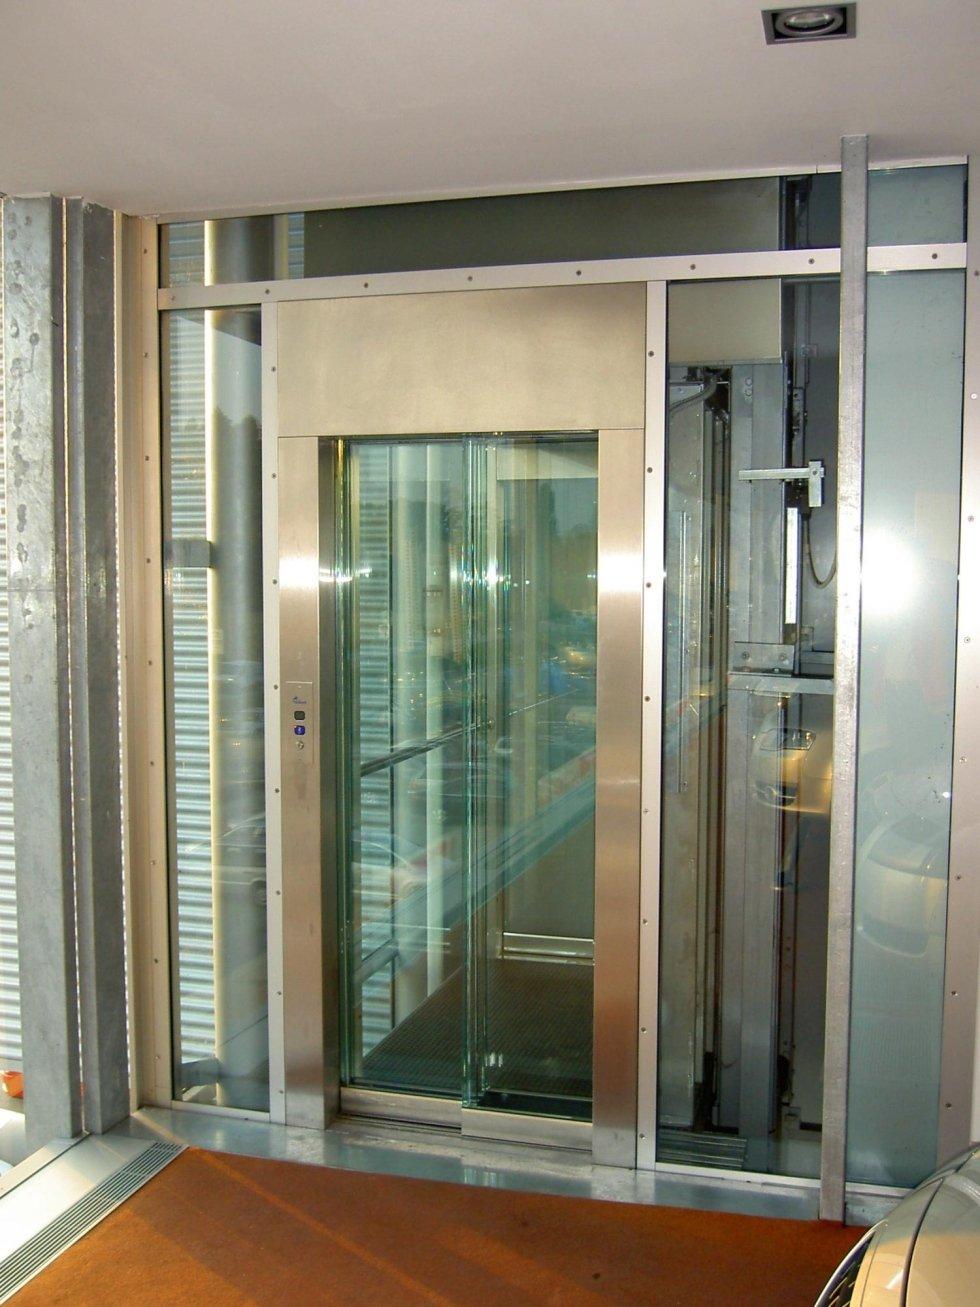 ascensore con telaio in acciaio inox satinato